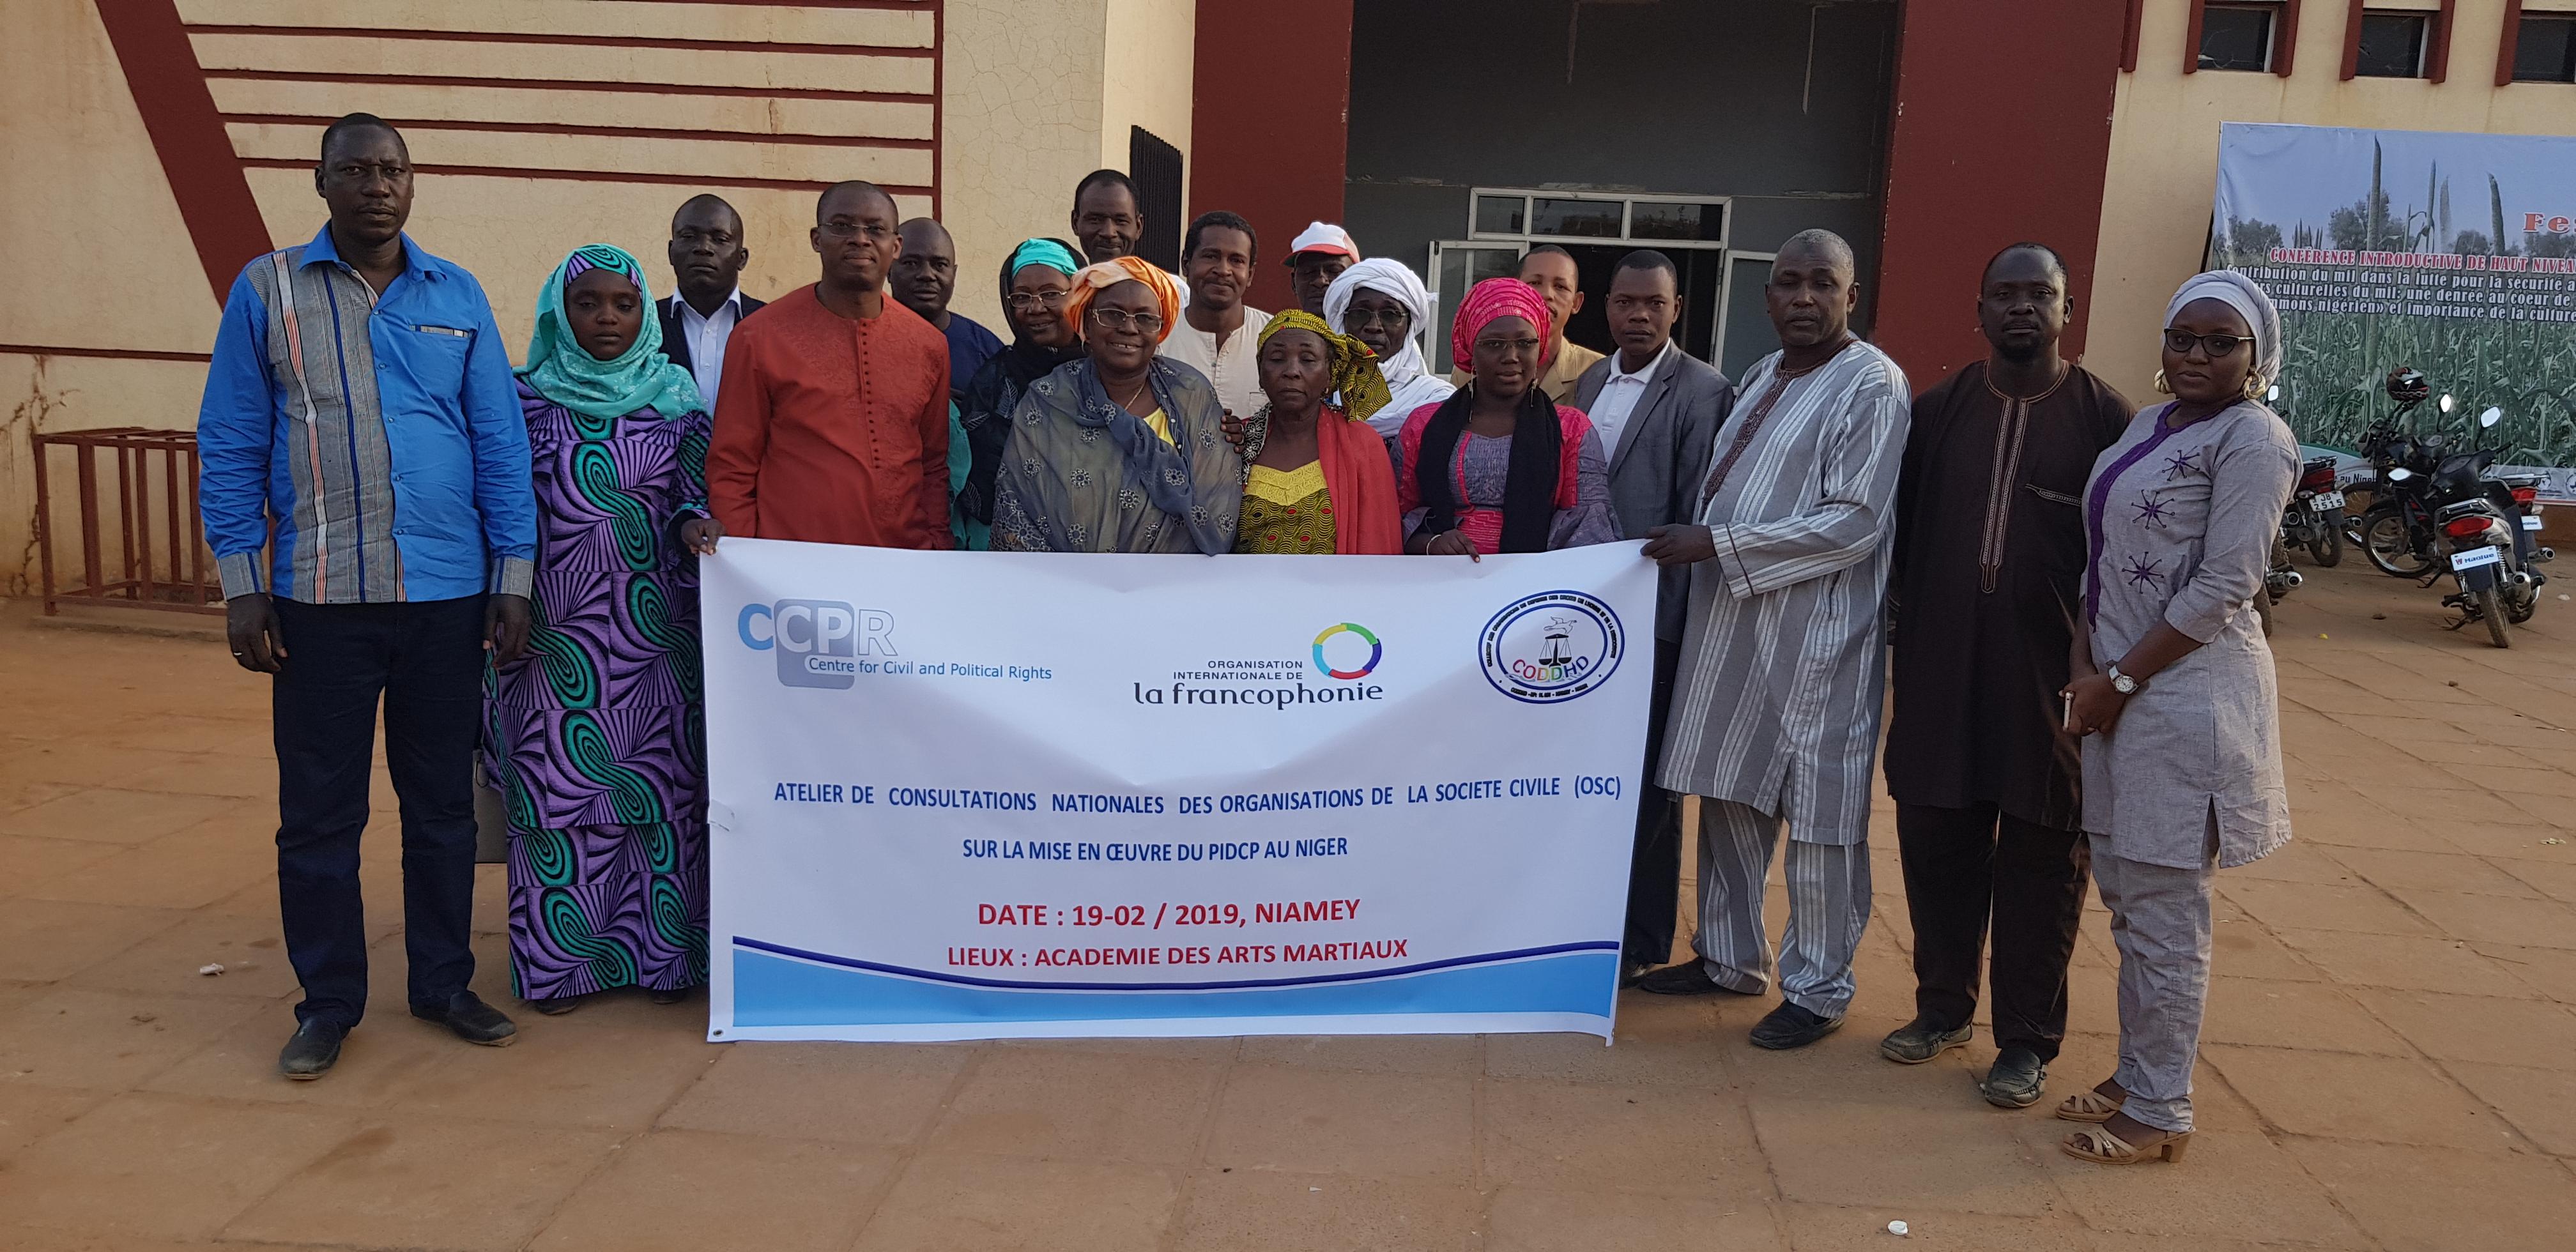 Le CCPR renforce la participation des OSC à l'examen de la mise en œuvre du PIDCP au Niger